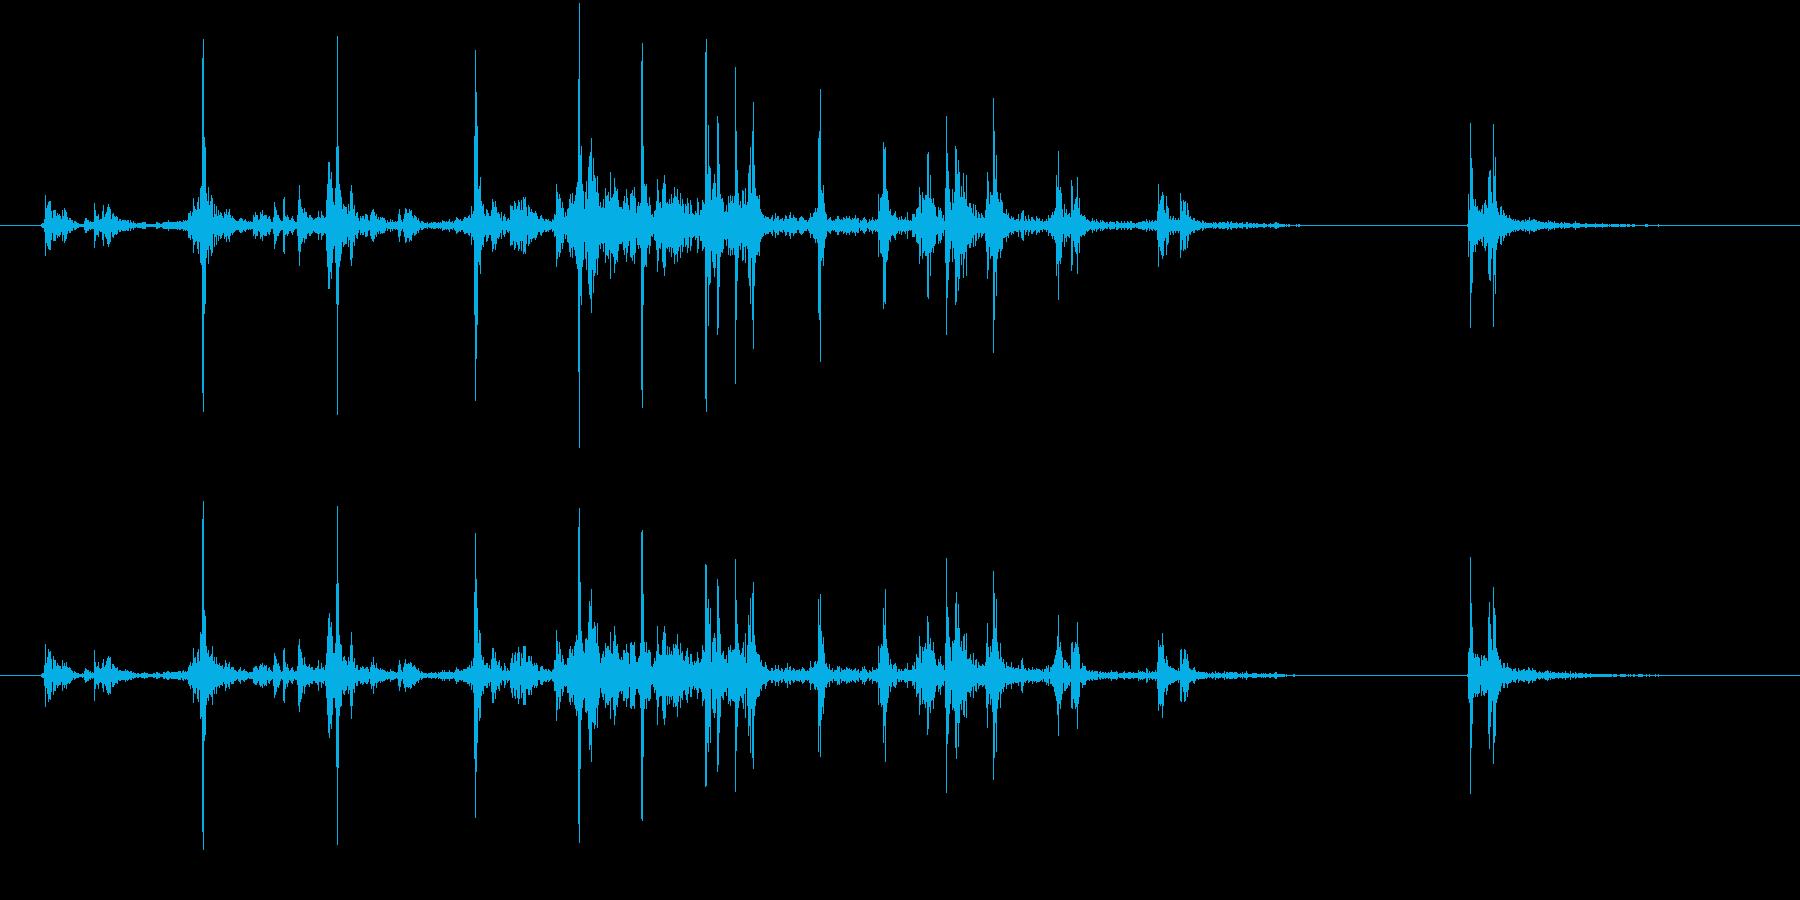 【生録音】カッターナイフの音 8の再生済みの波形